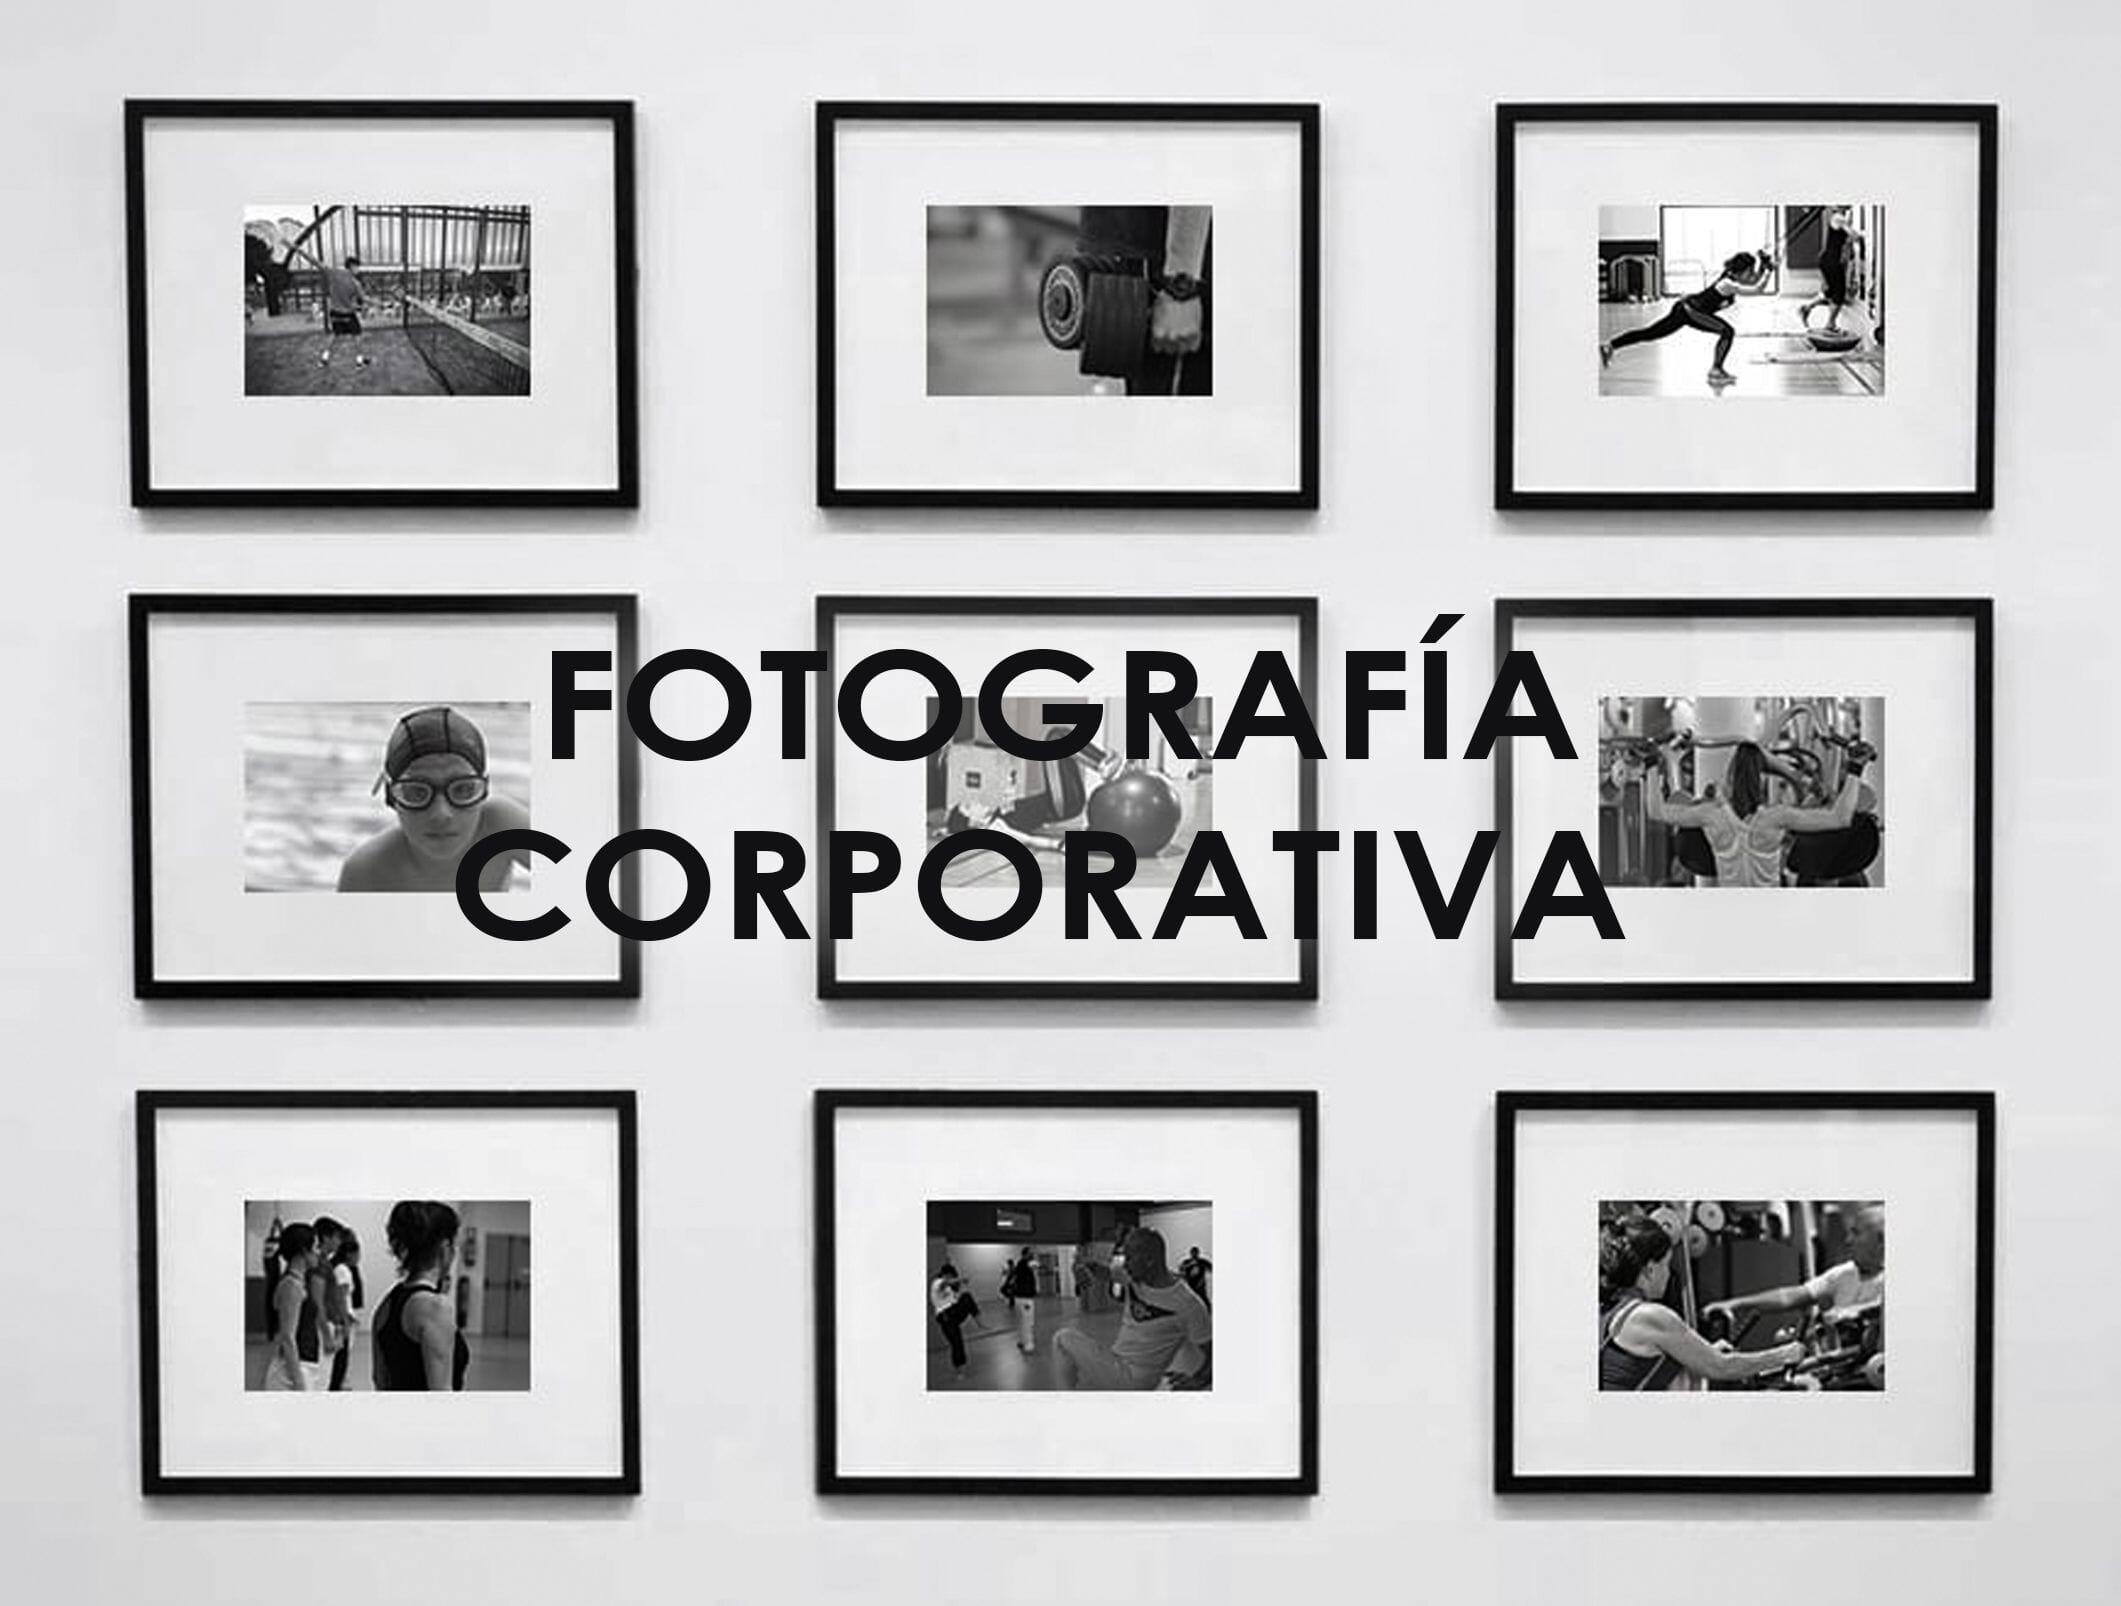 fotografia-corporativa-pictureo-alicante